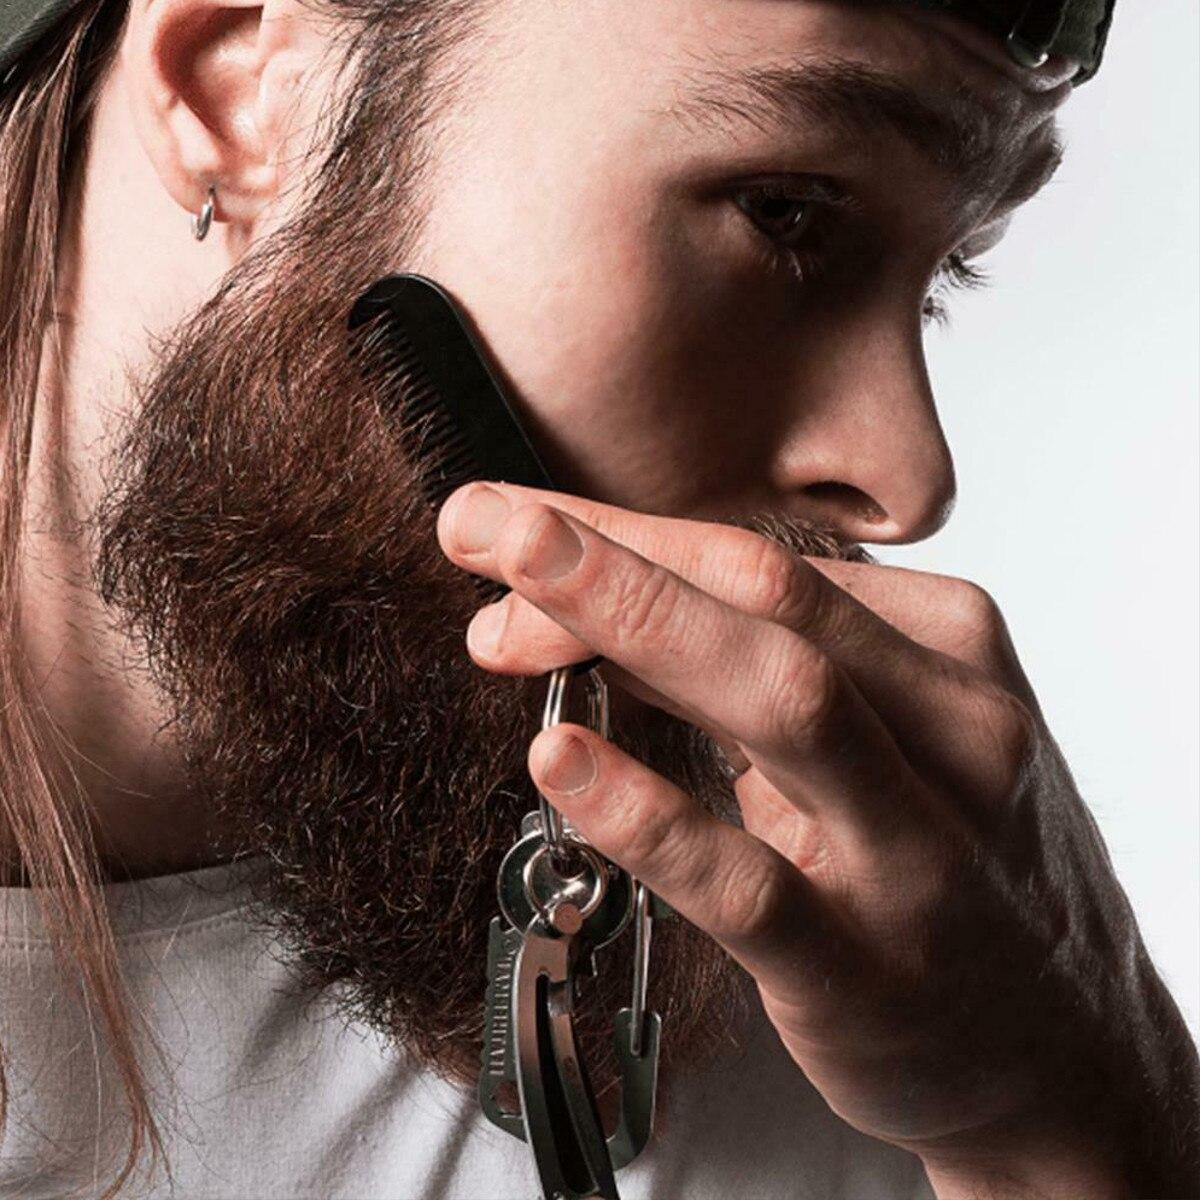 essencial óleo cuidados faciais barba kit com pente homme